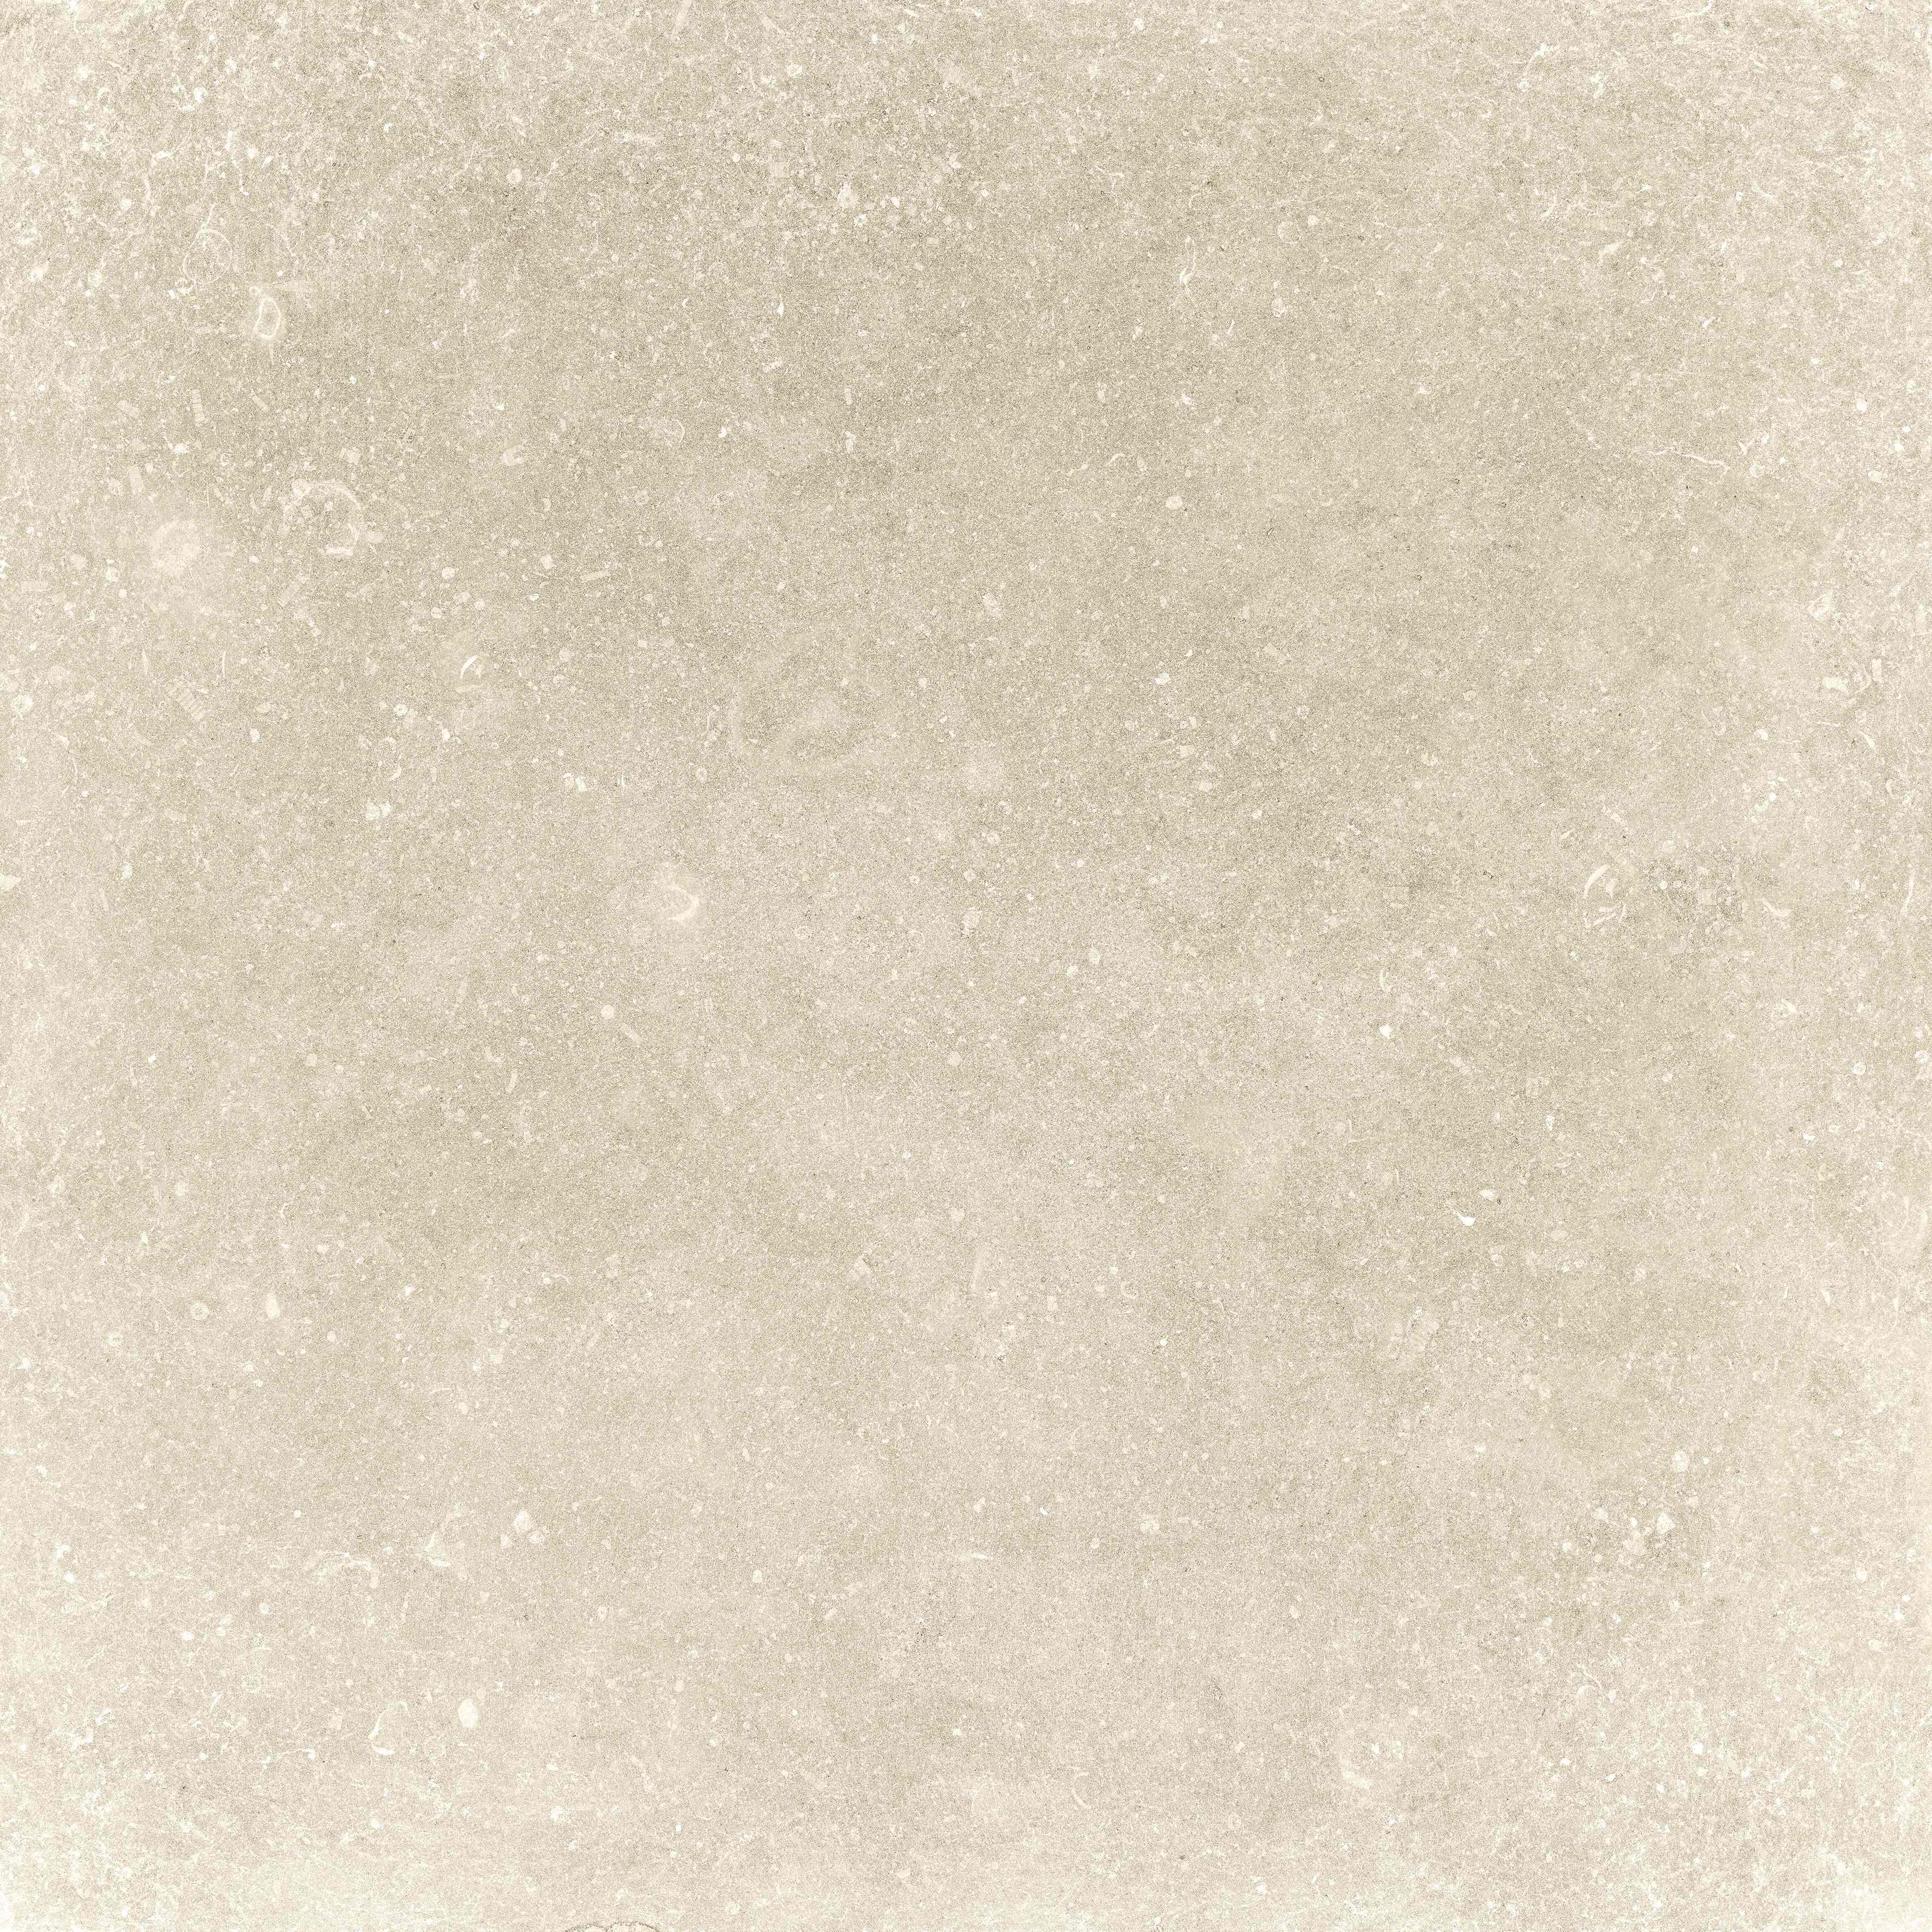 Плитка BEIGE (ZRXPZ3R) изображение 0